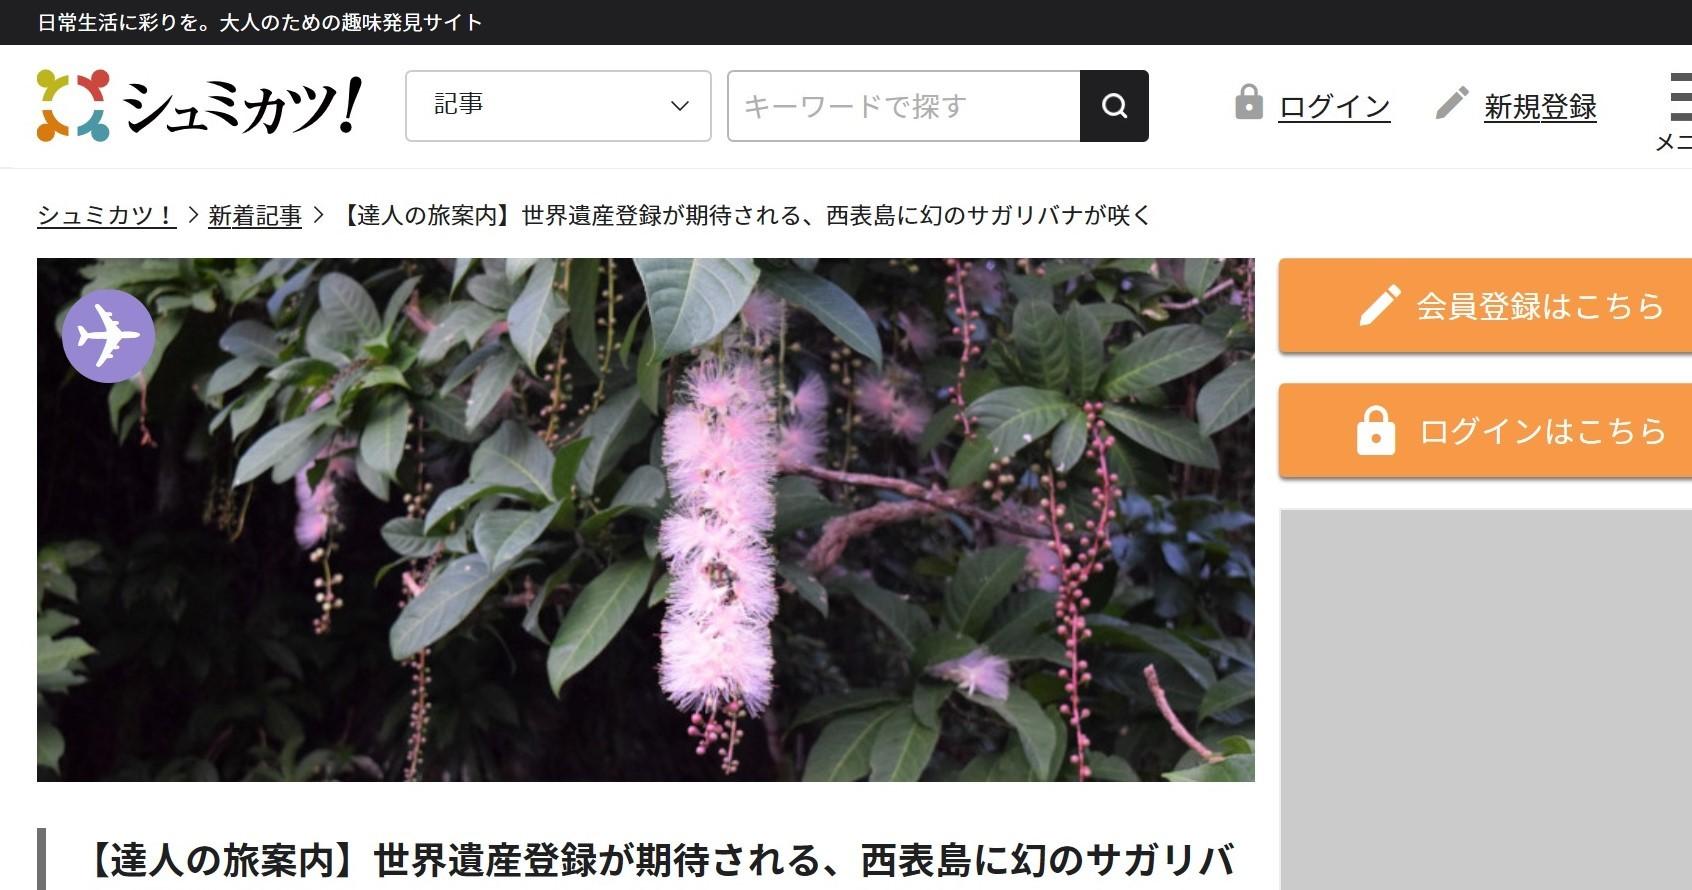 大人のための趣味サイト「シュミカツ!」で新連載スタートです_b0053082_17362671.jpg